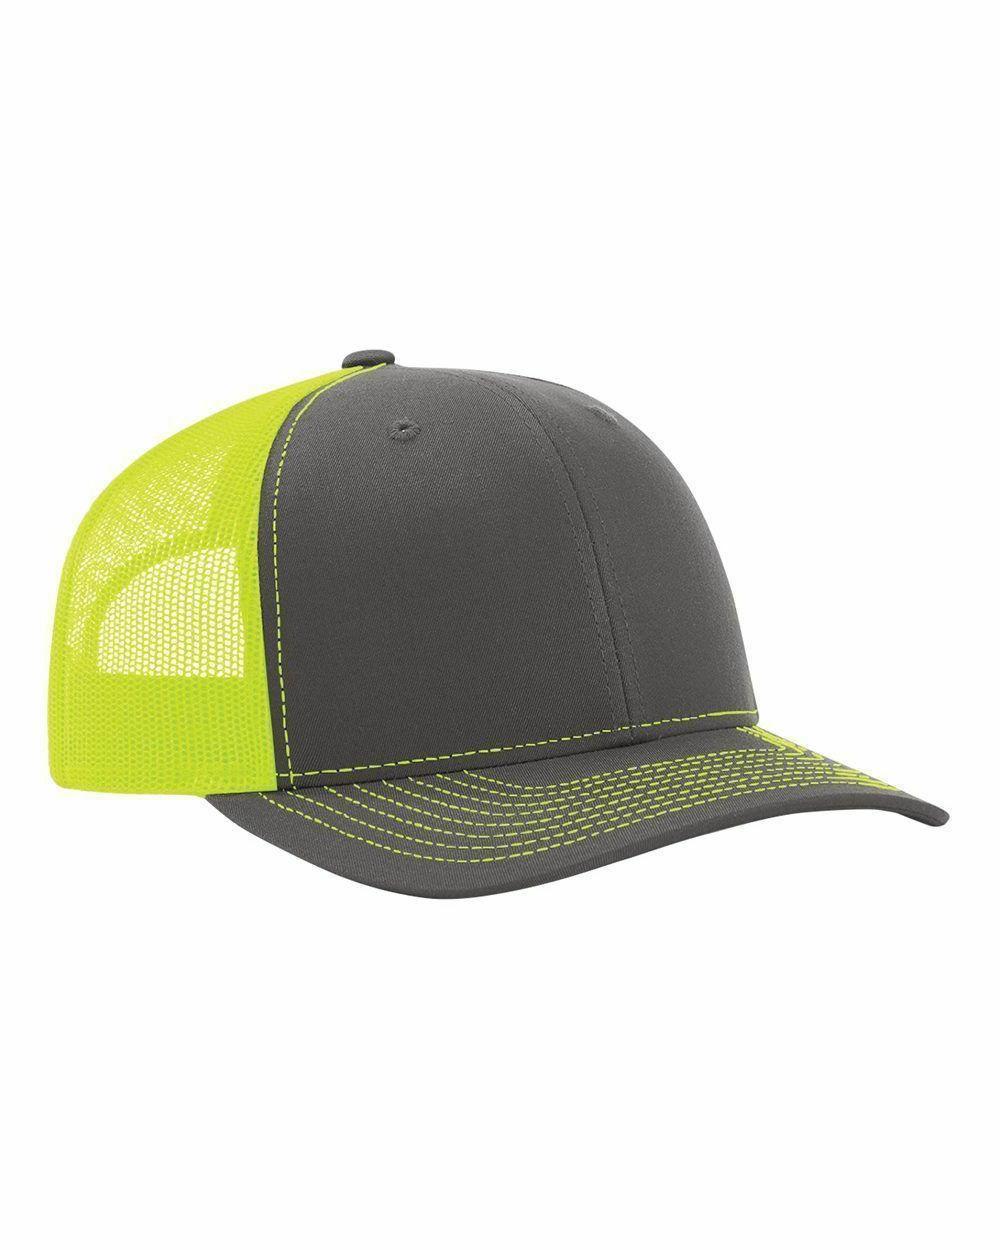 $1.99 Hat